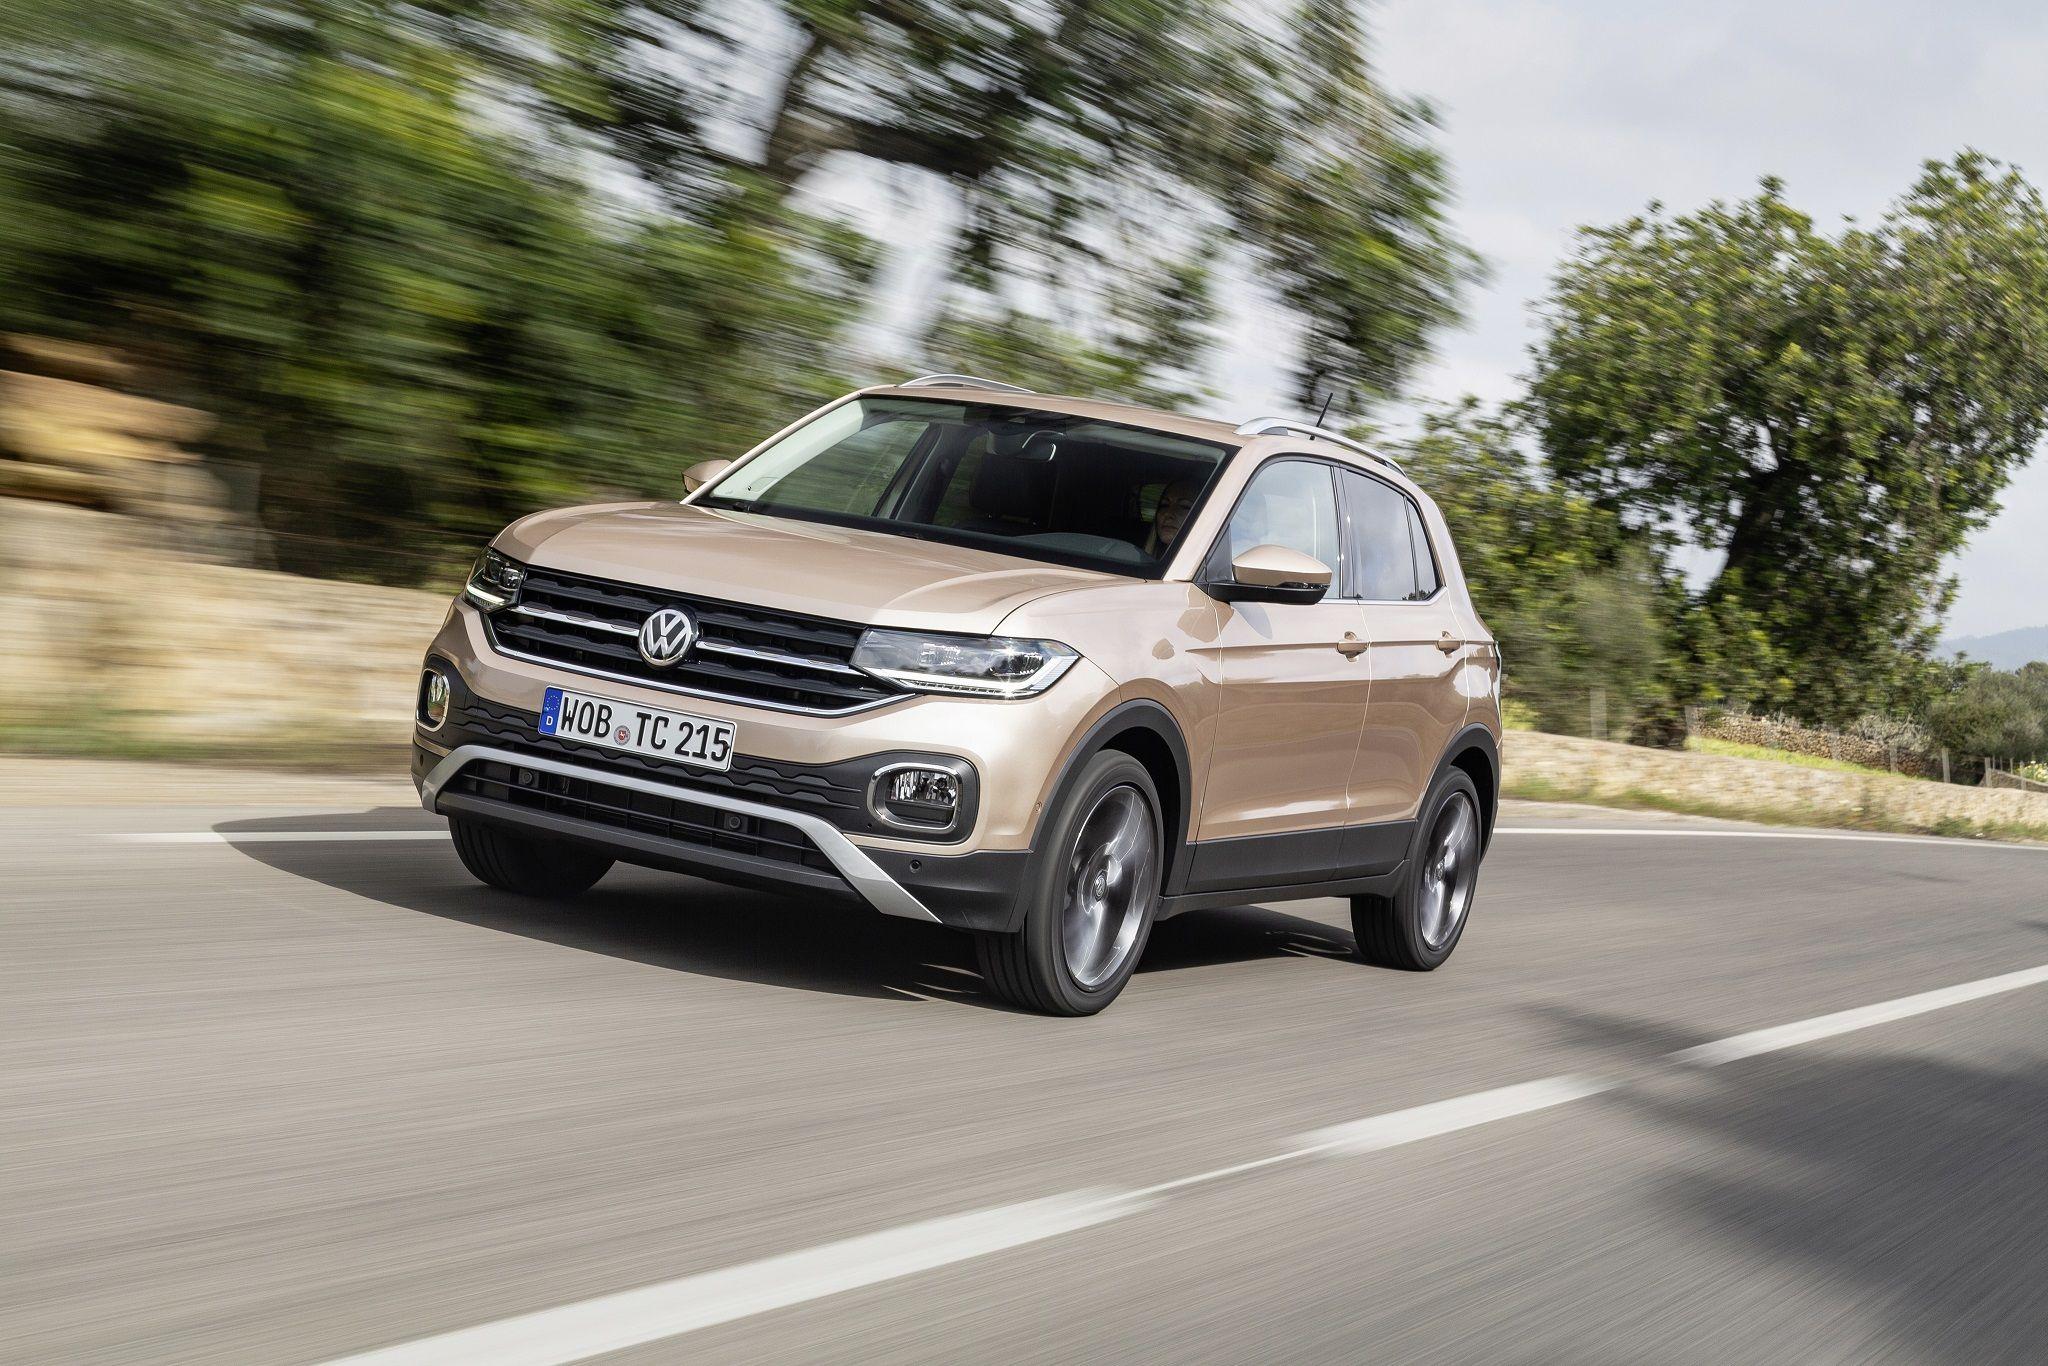 Foto de Volkswagen T-Cross. Fuente: Volkswagen AG